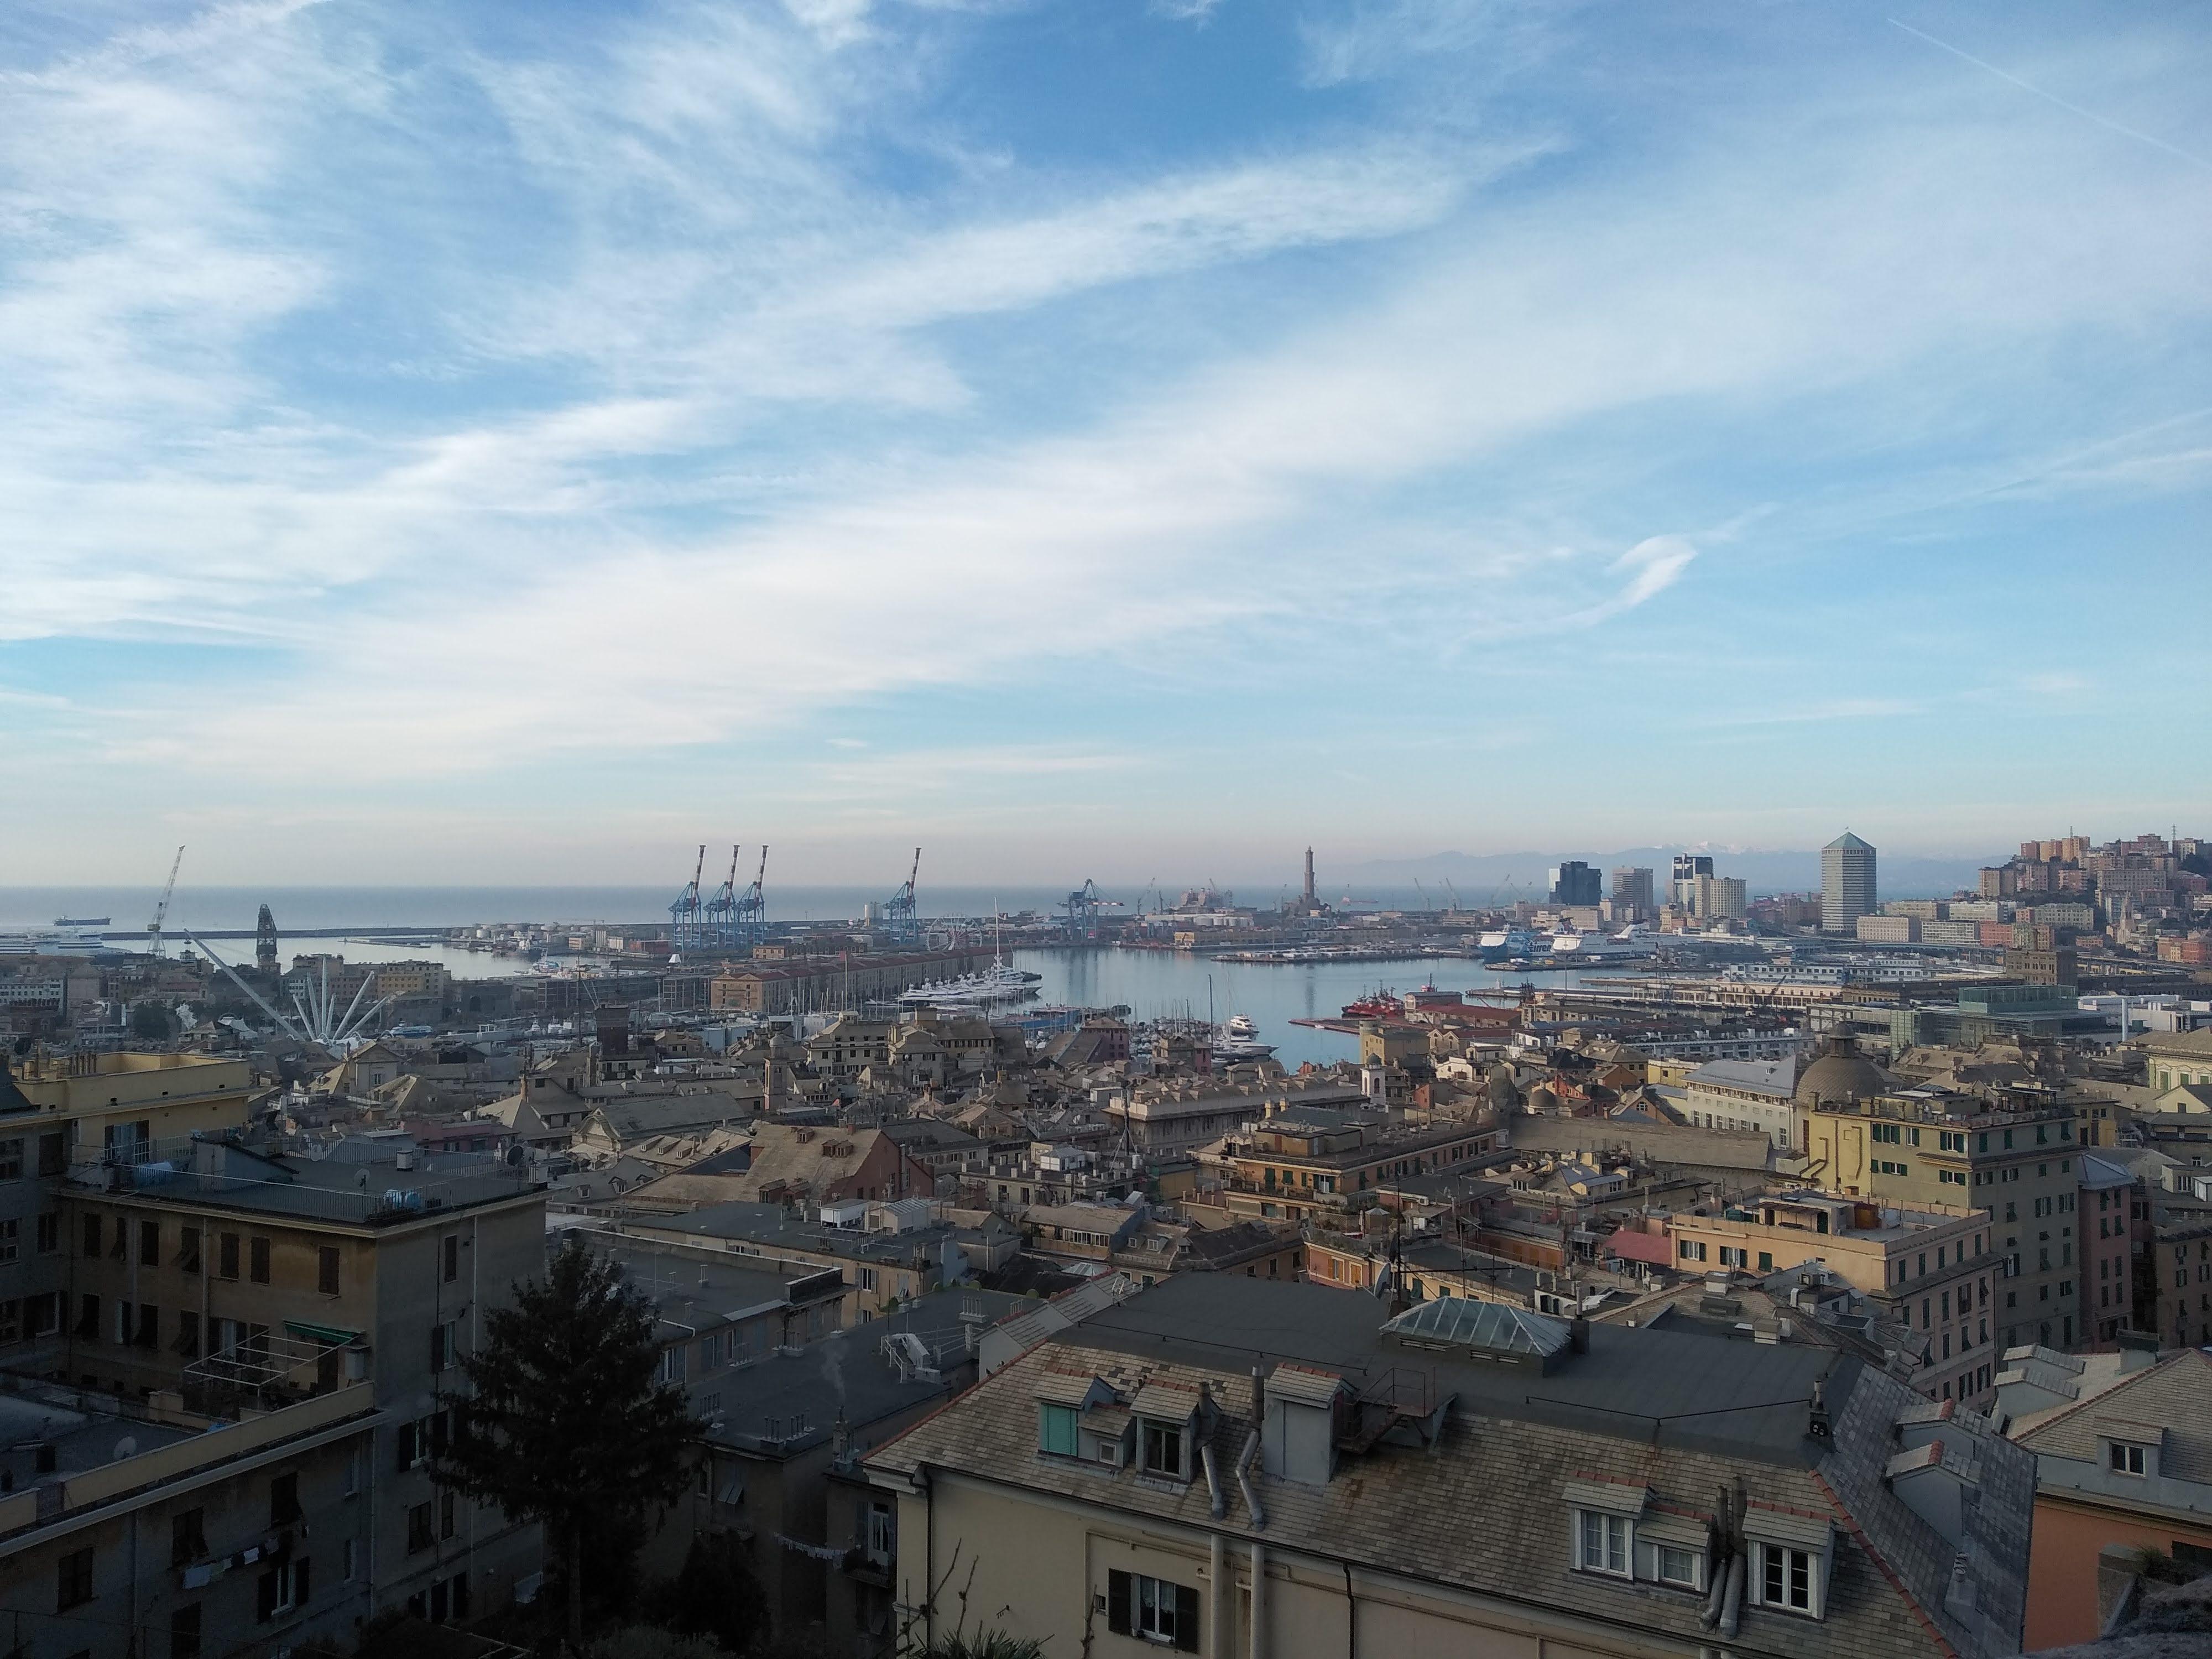 Les mots de Genova